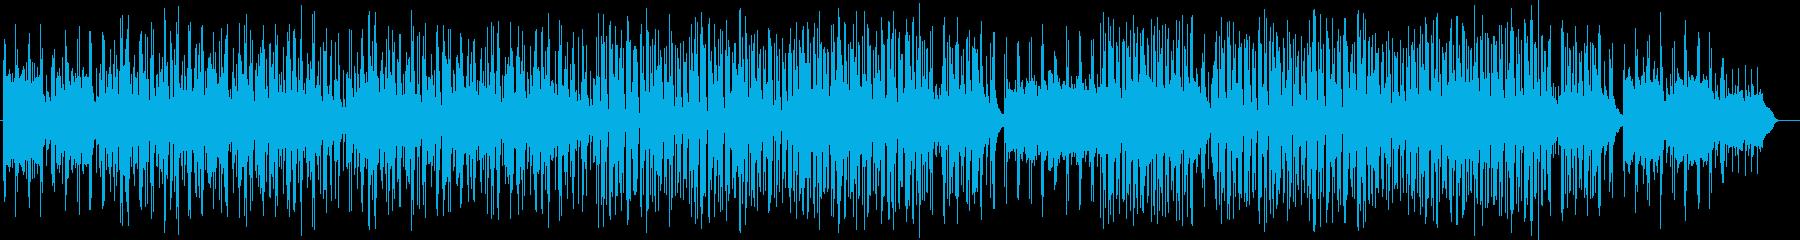 天気予報のBGMに出てきそうな曲です。の再生済みの波形